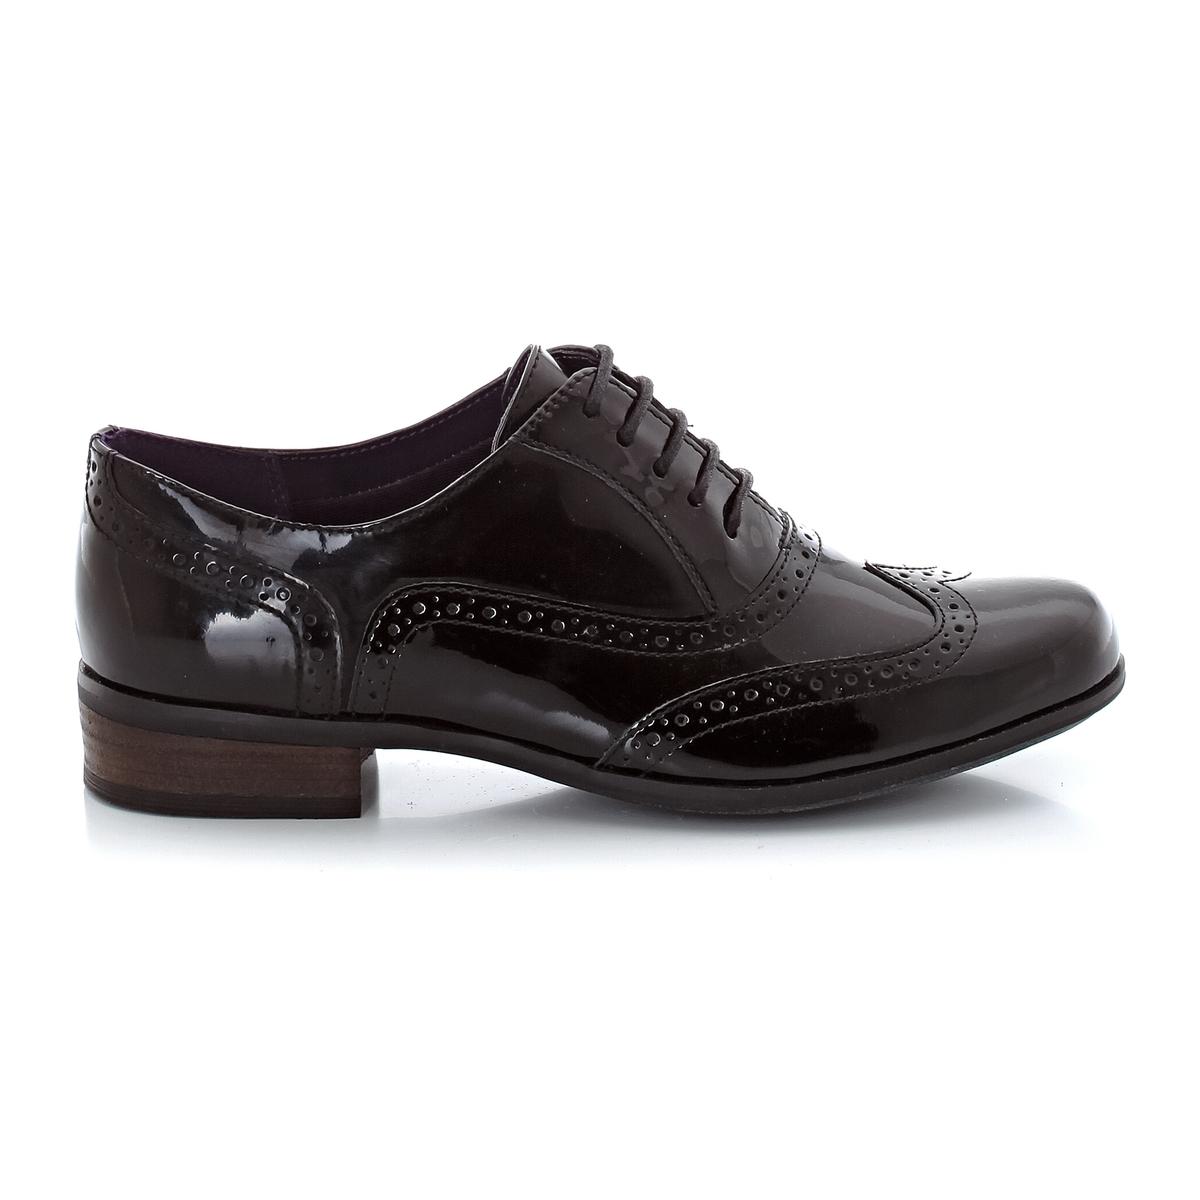 Ботинки-дерби из лакированной кожи, на шнуровке и небольшом каблукеБотинки-дерби из изящной лакированной кожи сделают ваш образ стильным и подарят легендарный комфорт Clarks.<br><br>Цвет: Черный лак